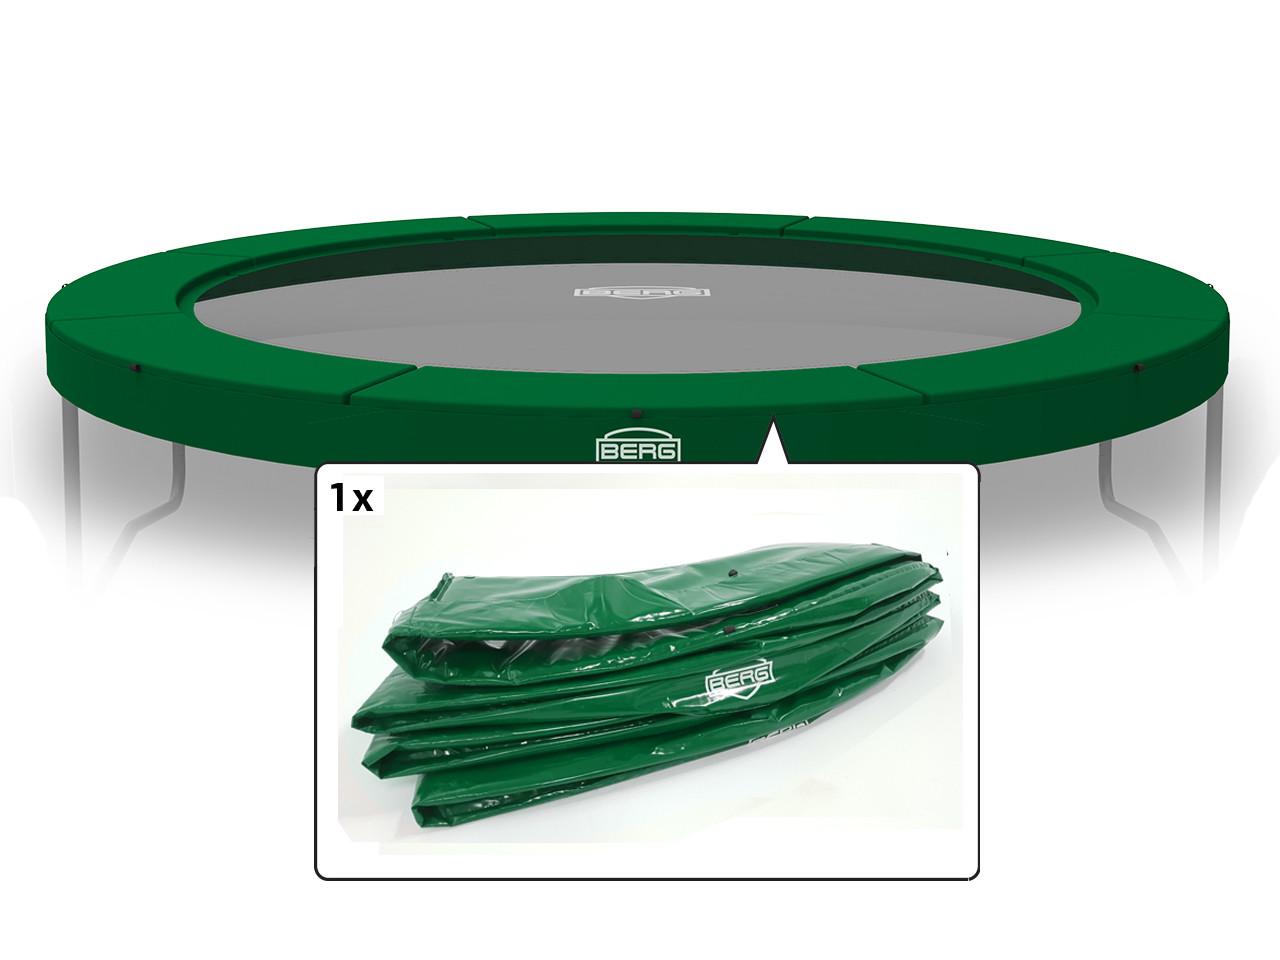 Elite - Beschermrand groen 430